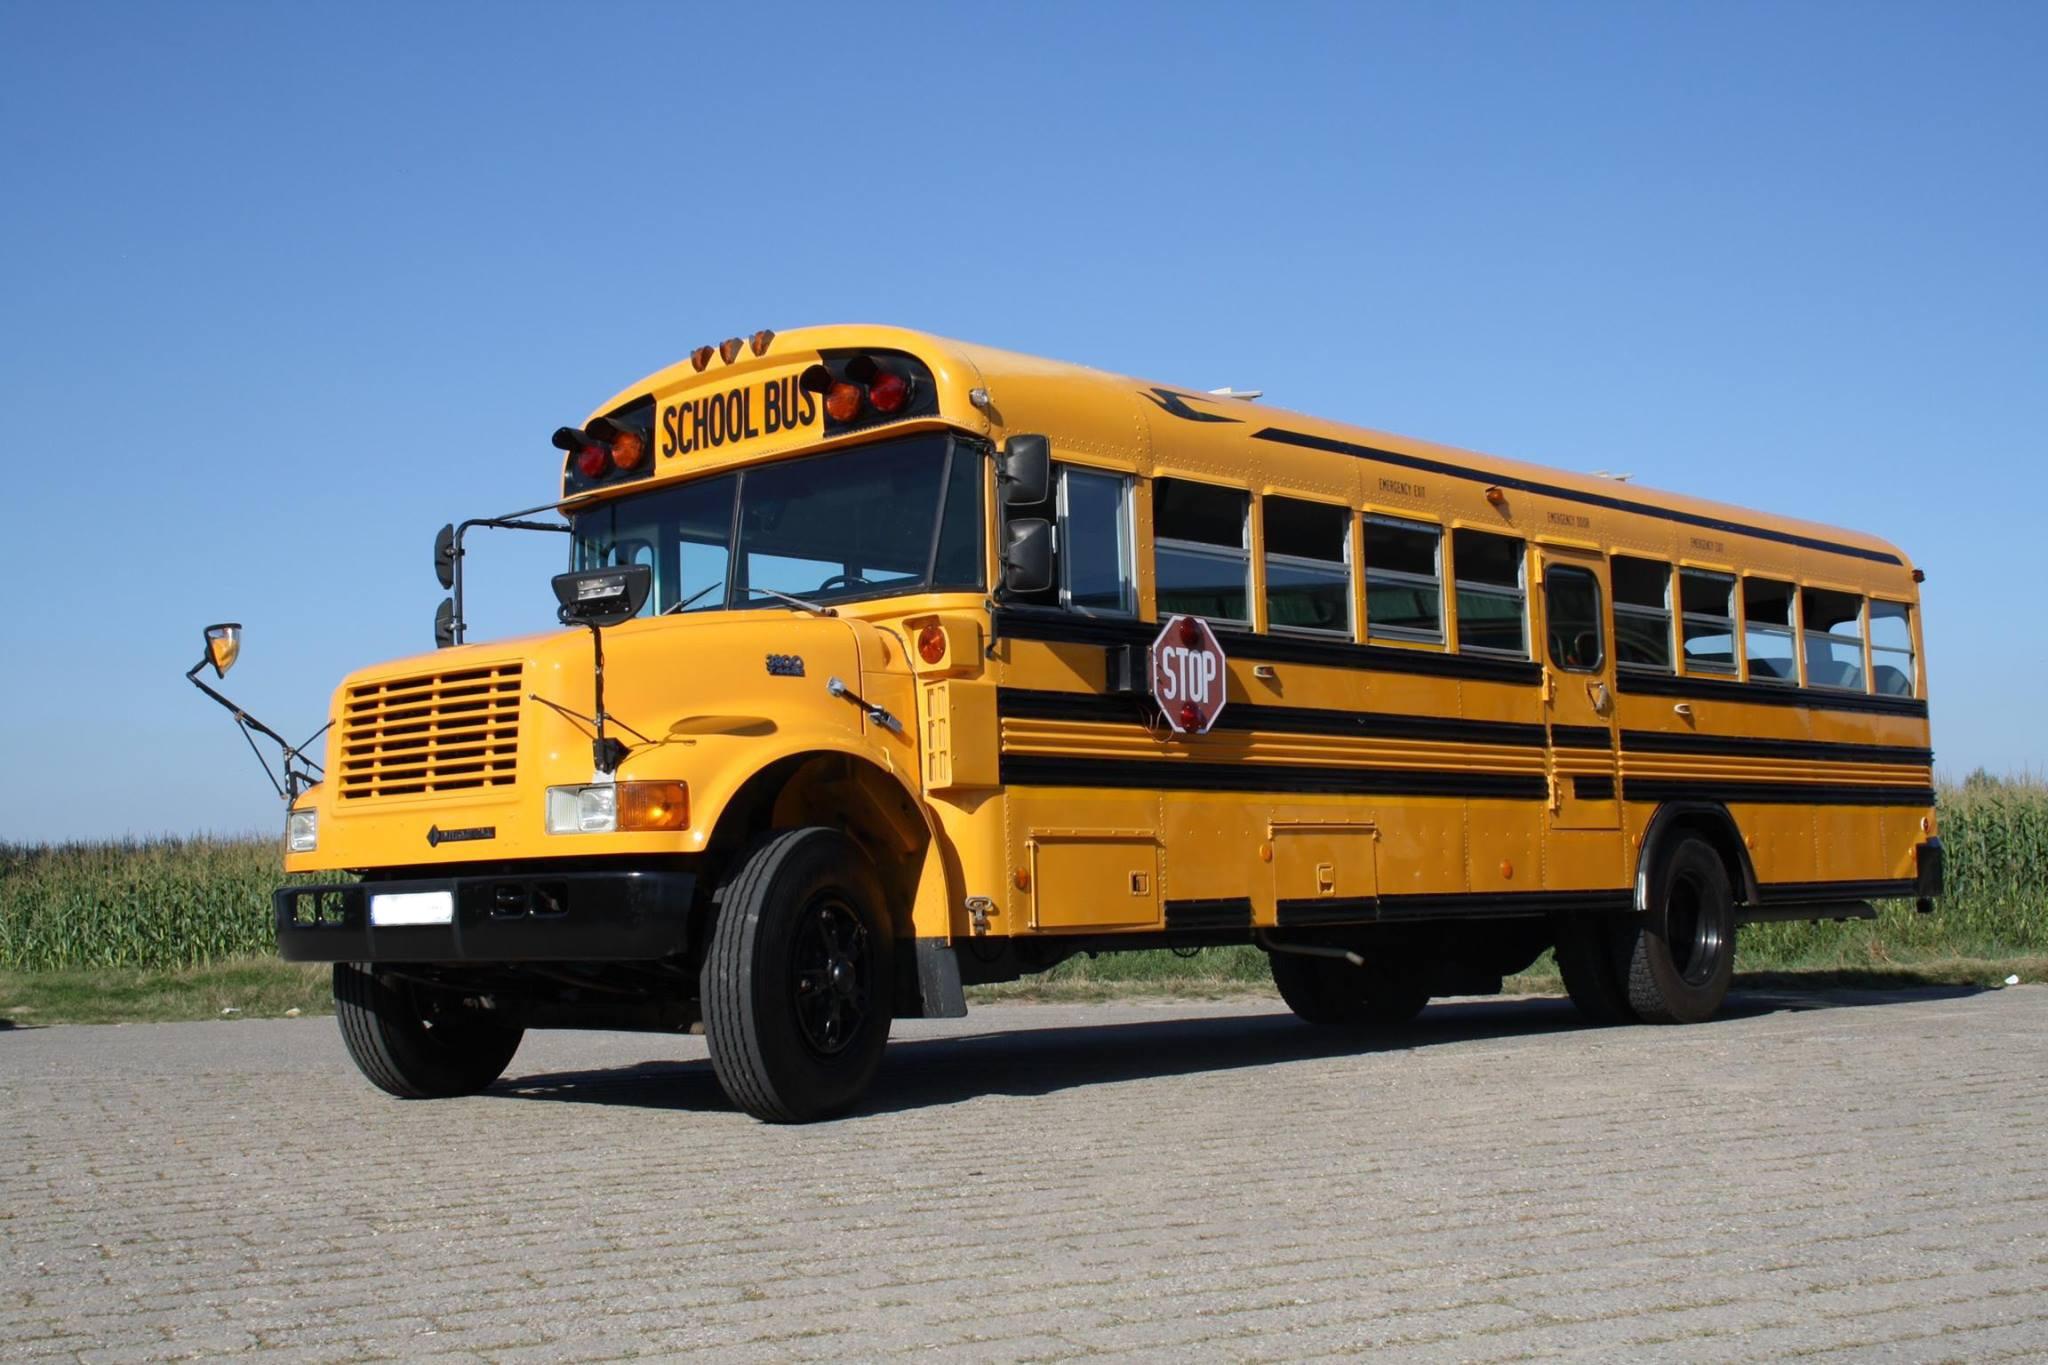 Schoolbus_ohne_Nummer